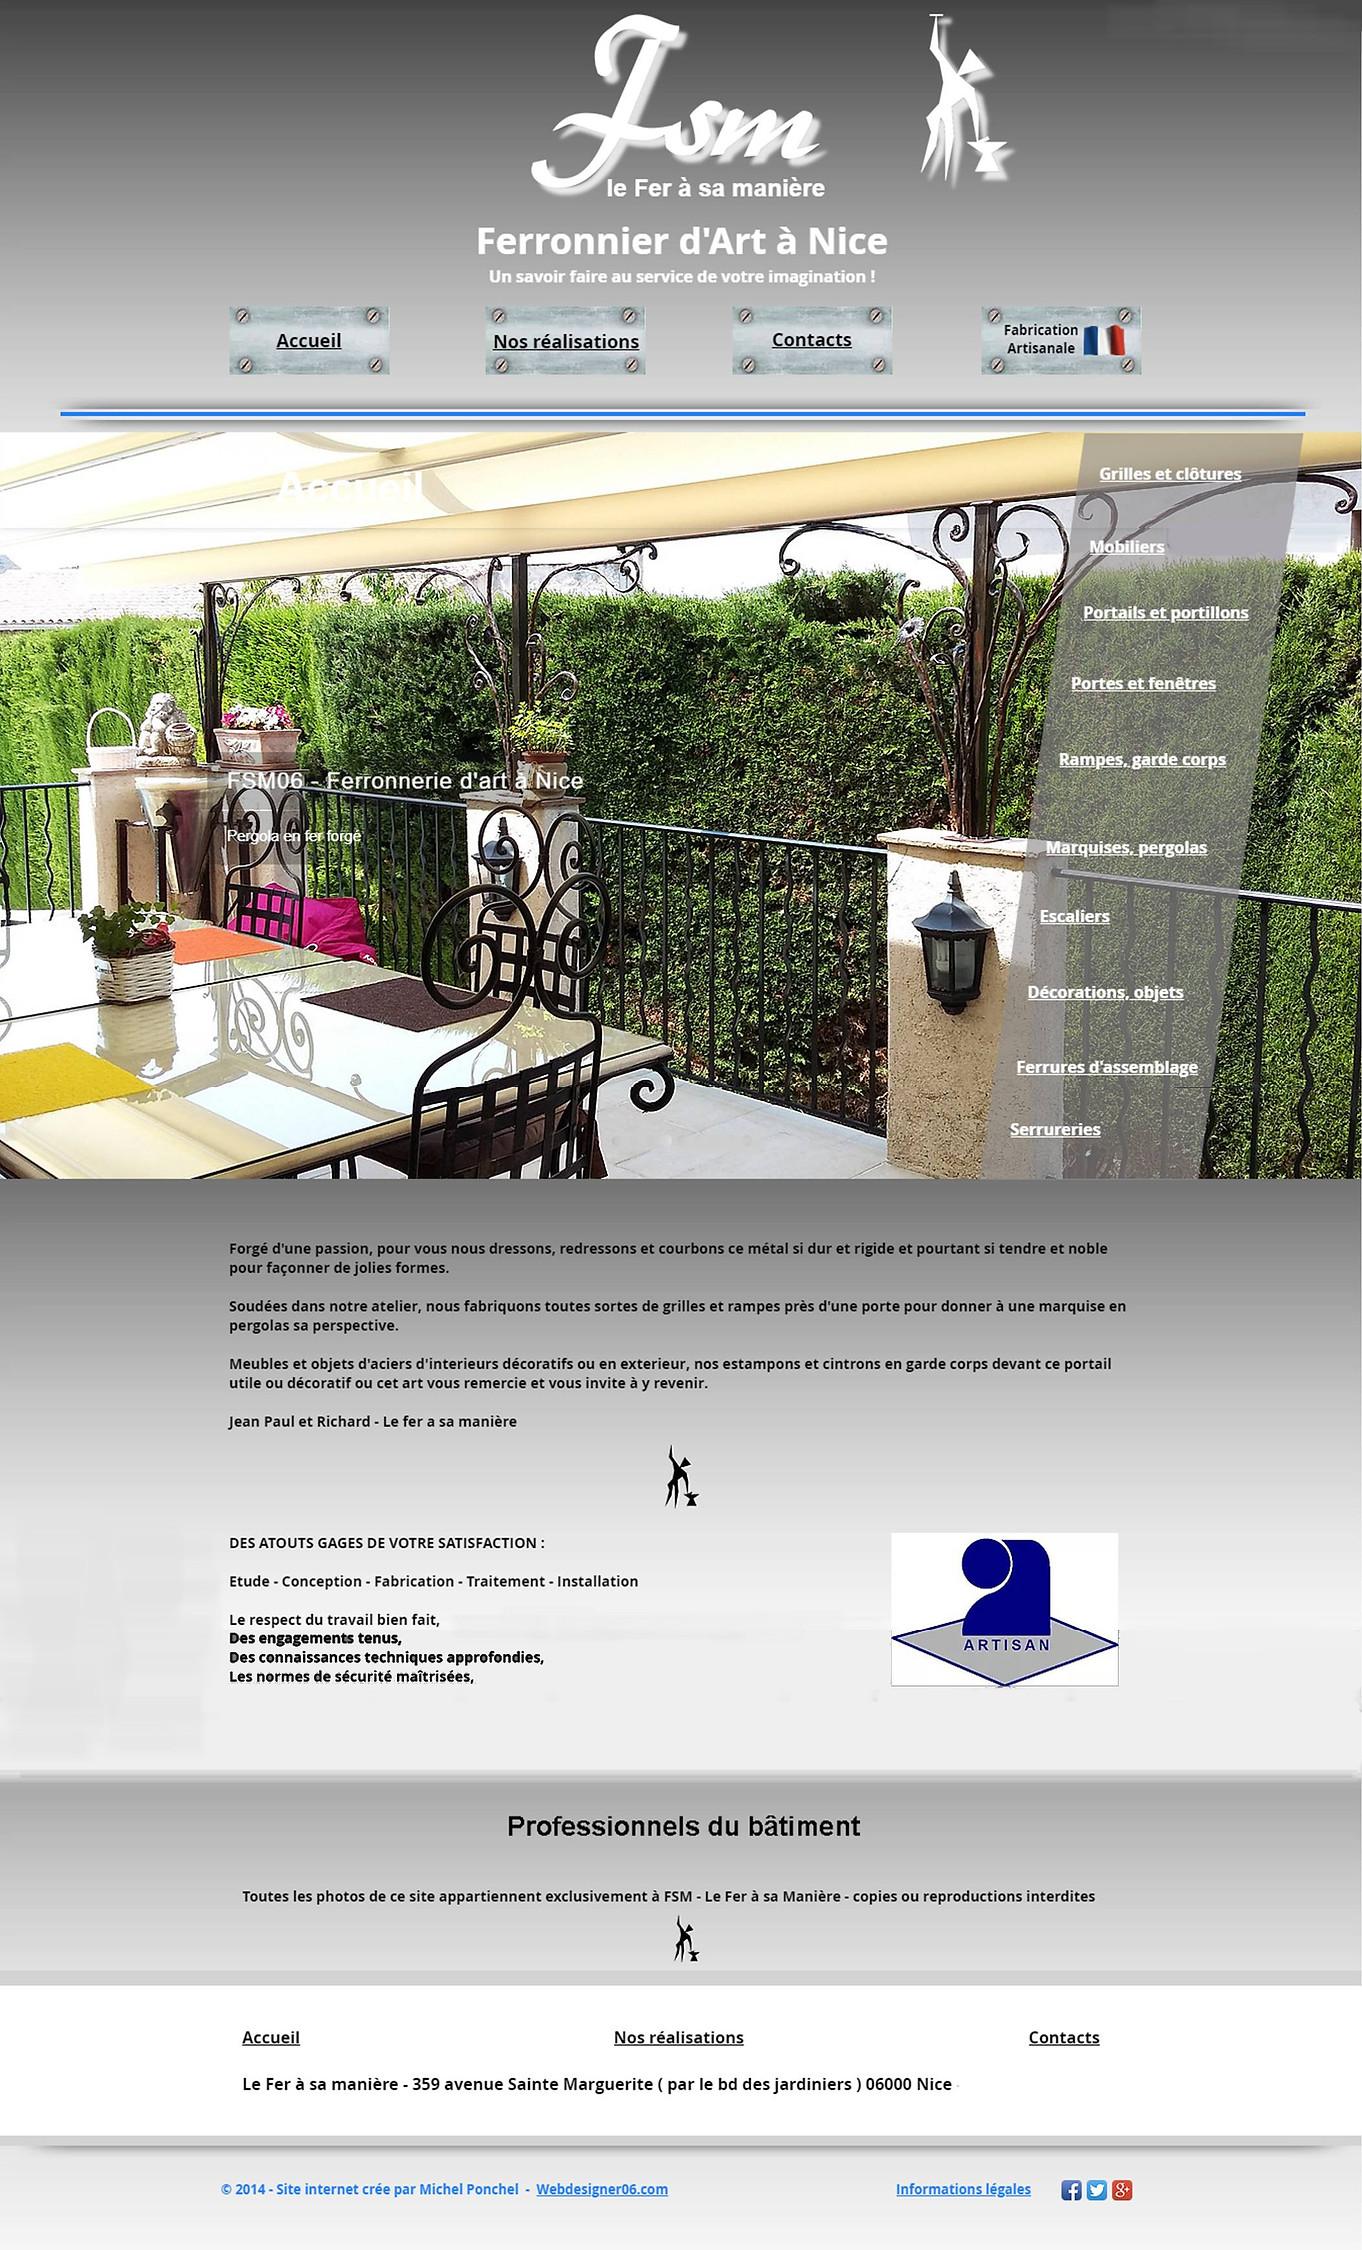 FSM06 by Webdesigner06